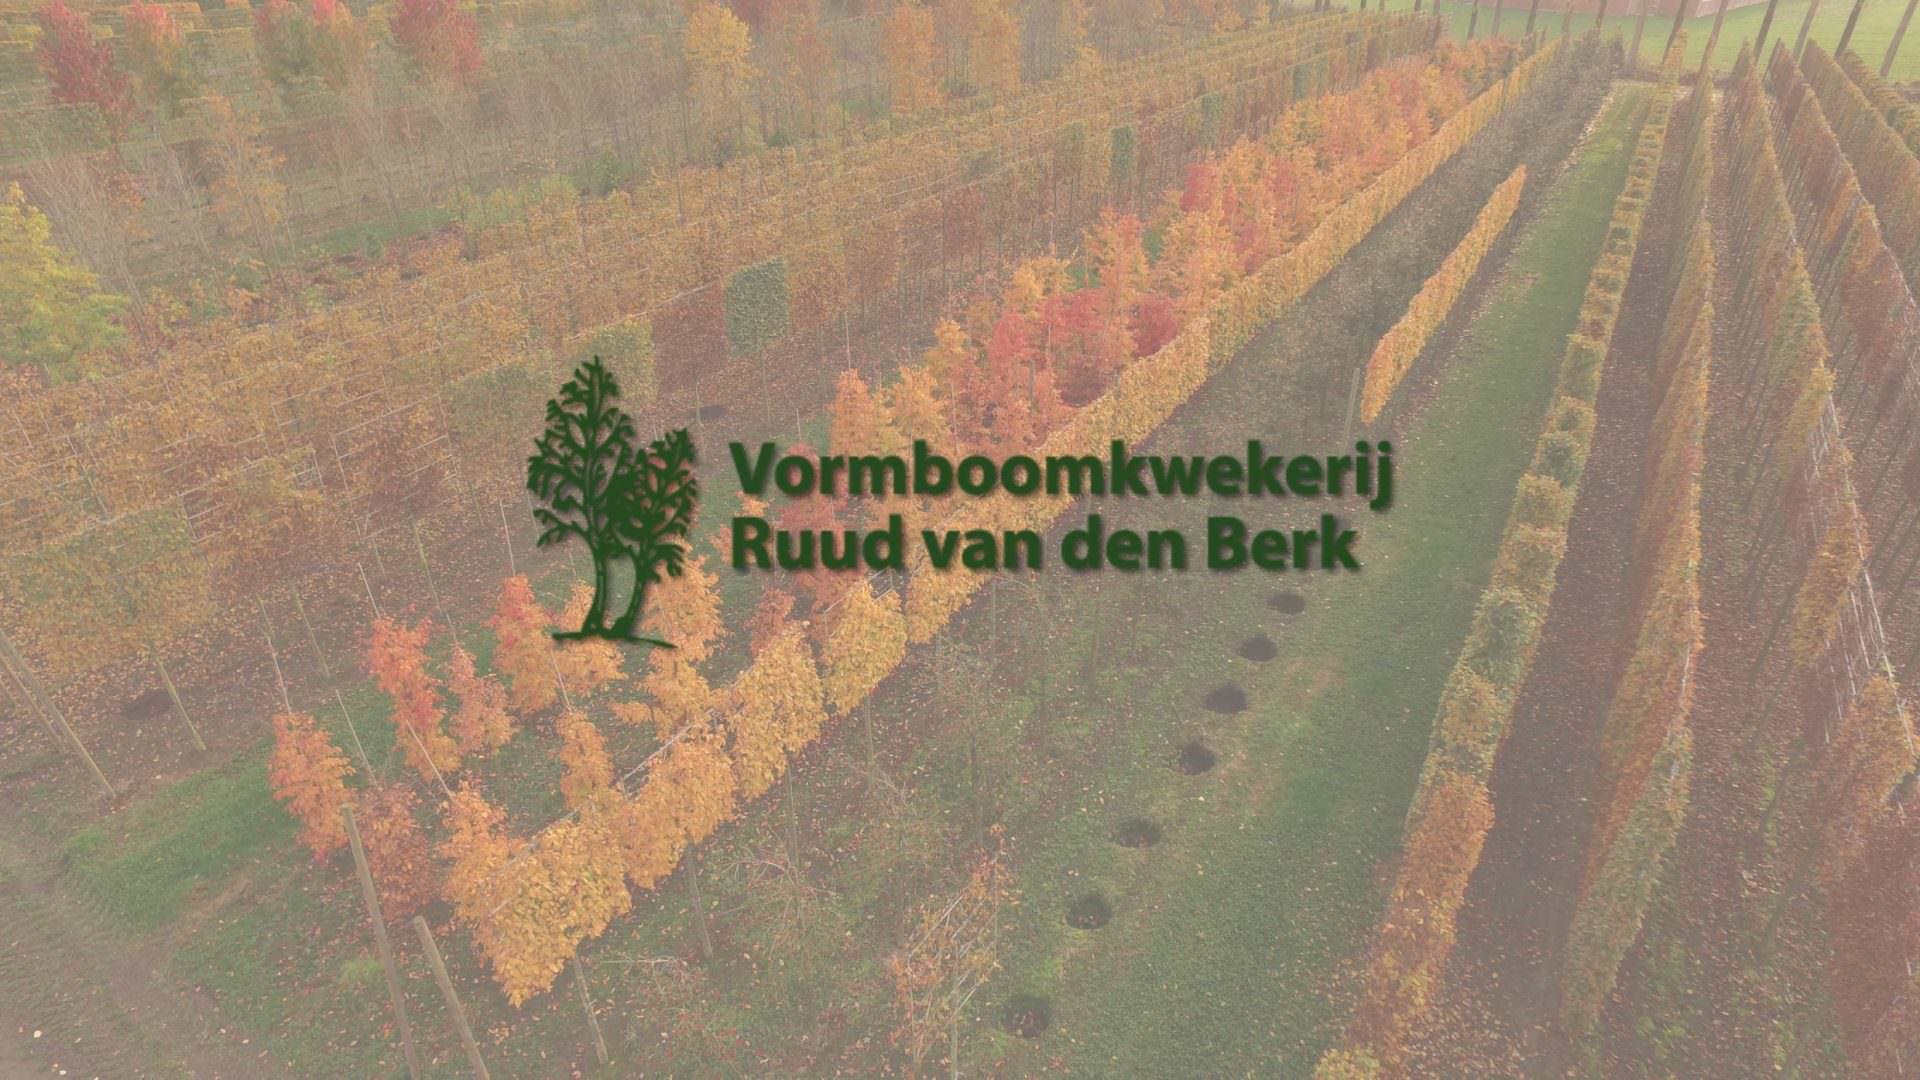 Ruud van den Berk icoon